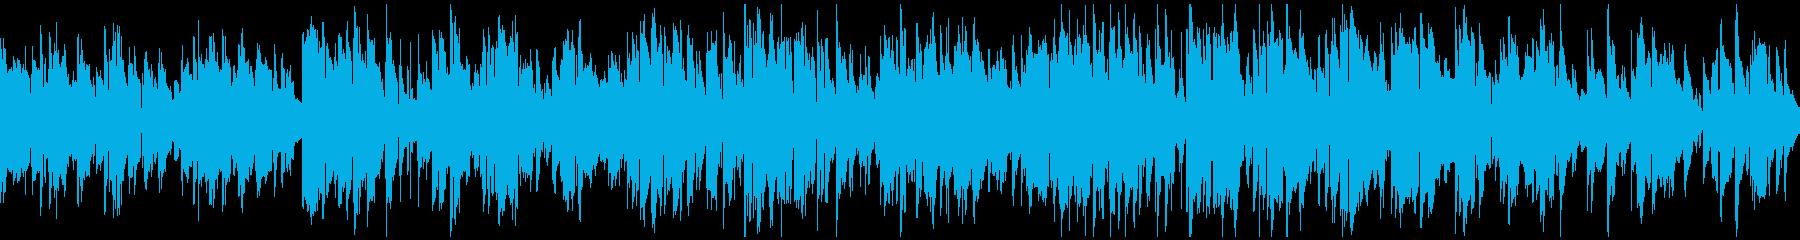 ゆったりジャズサックス ※ループ仕様版の再生済みの波形